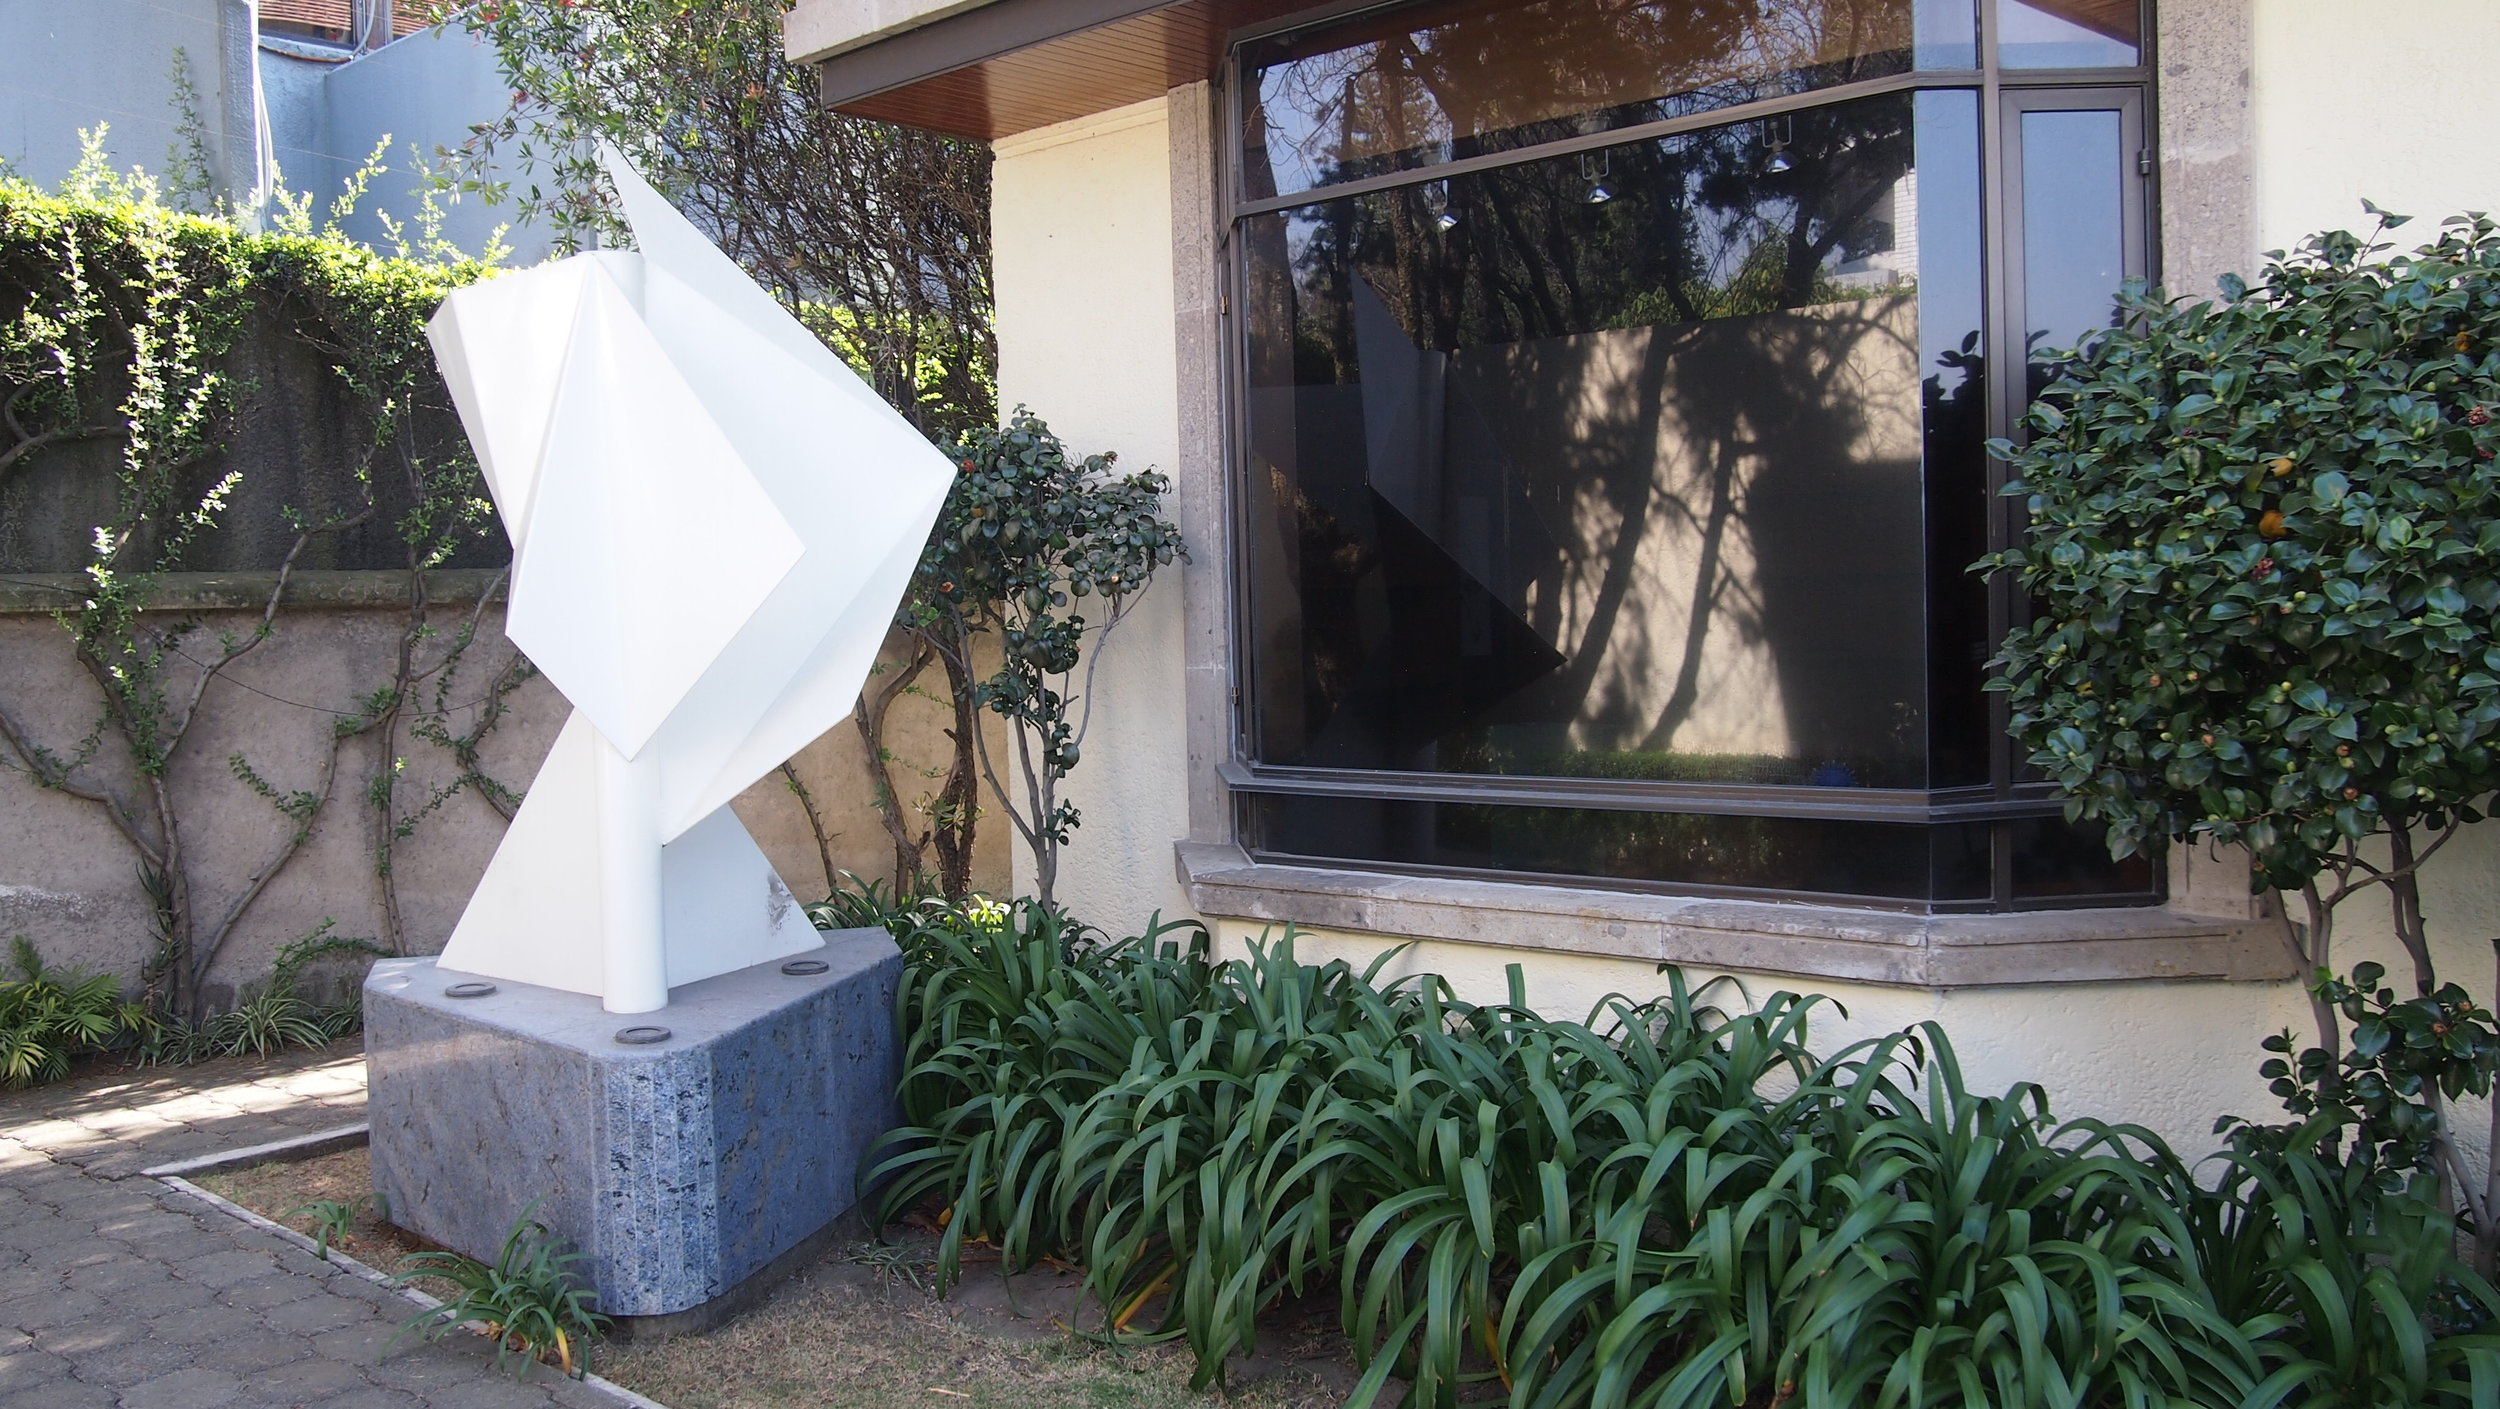 jardin frontal con escultura y base.JPG